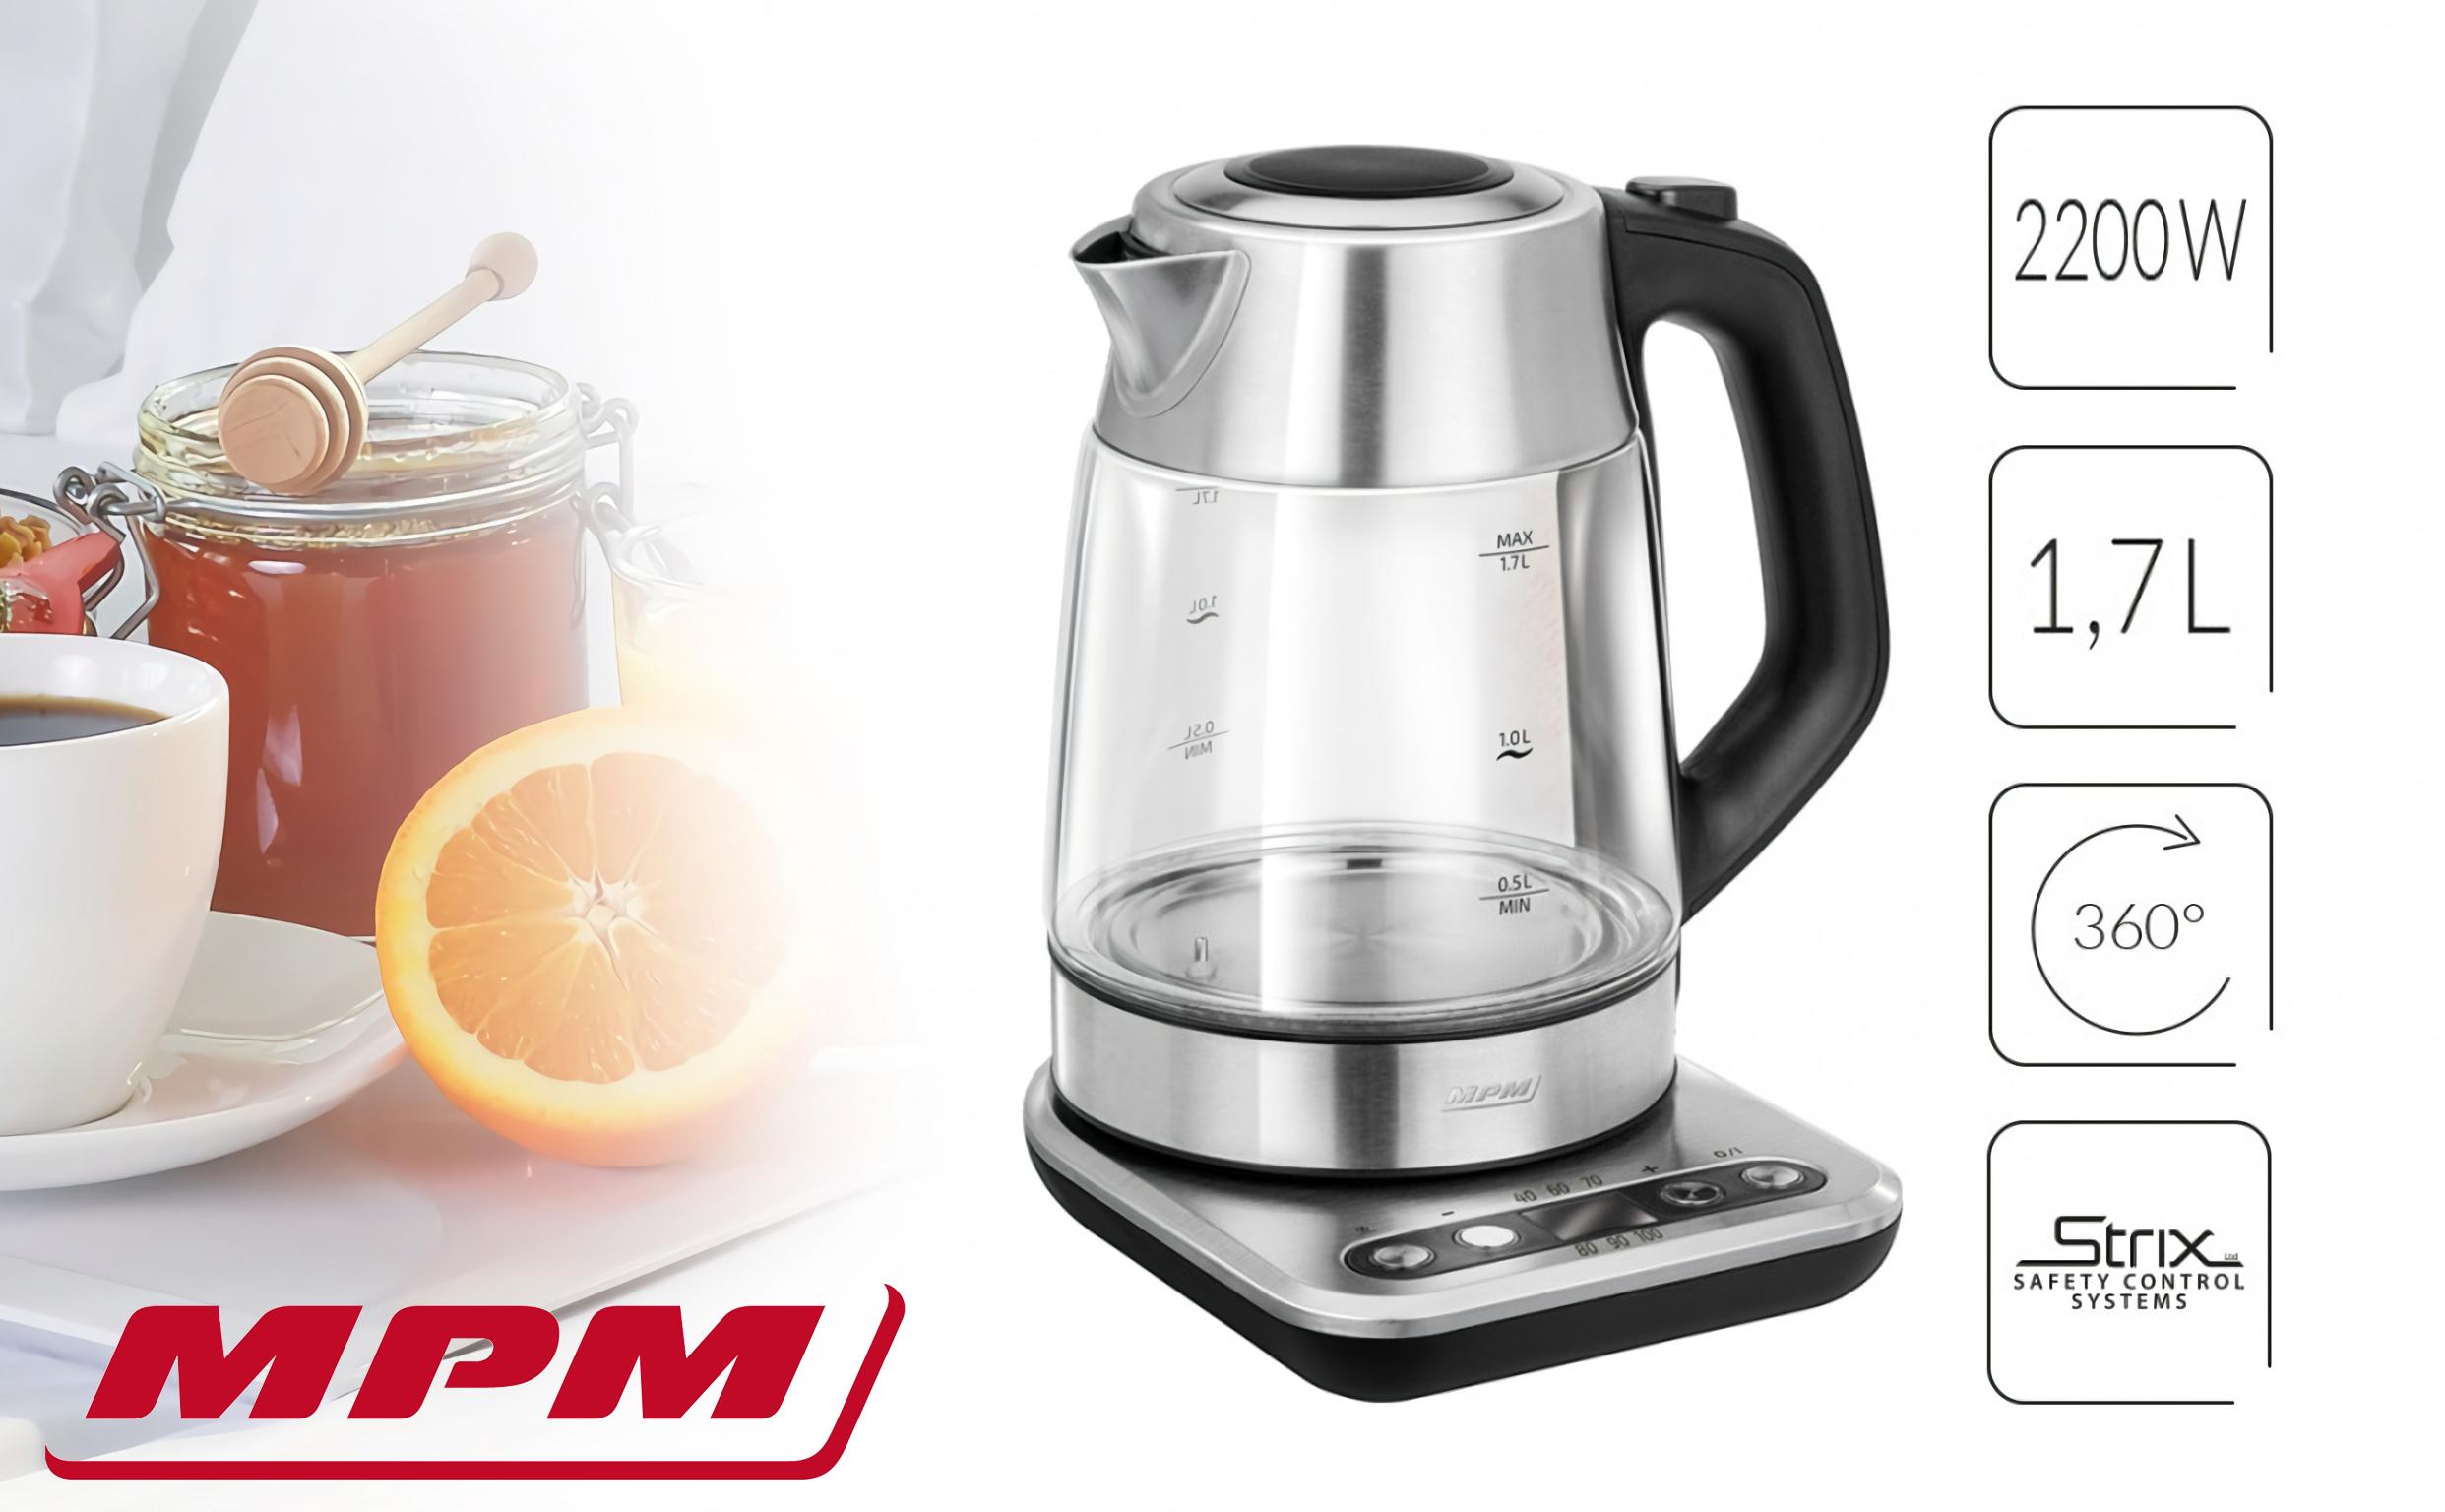 MPM MCZ-97 Bollitore elettrico in vetro con controllo della temperatura. 1,7 L, Senza fili, Tenere al caldo, Retroilluminato, Filtro anti-calce, 2200 W, senza BPA